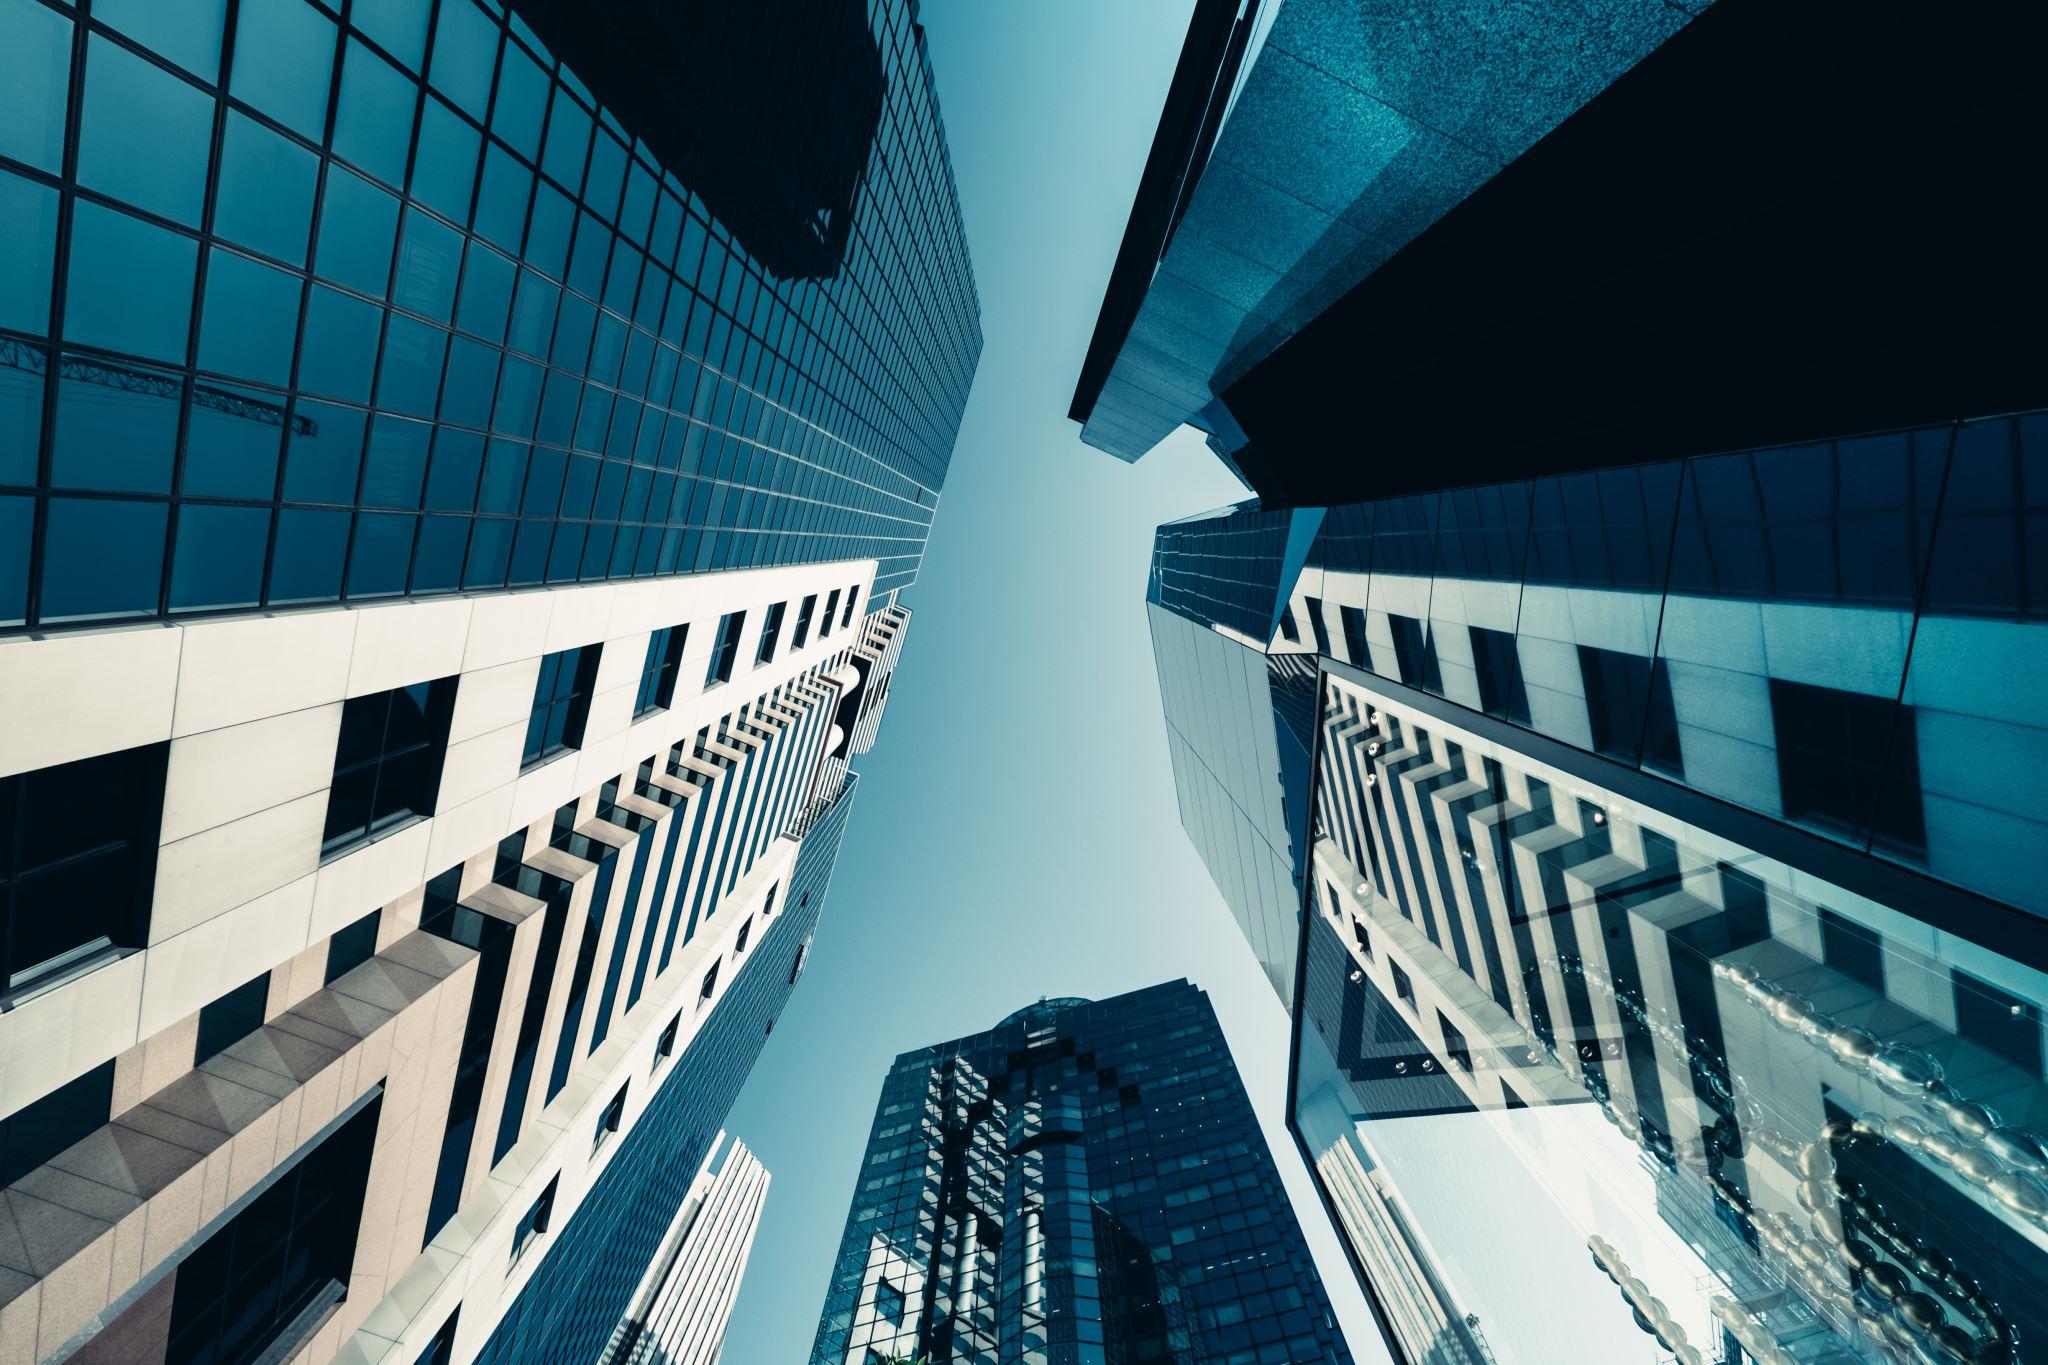 Нижний ракурс современных финансовых небоскребов, уходящих в небо